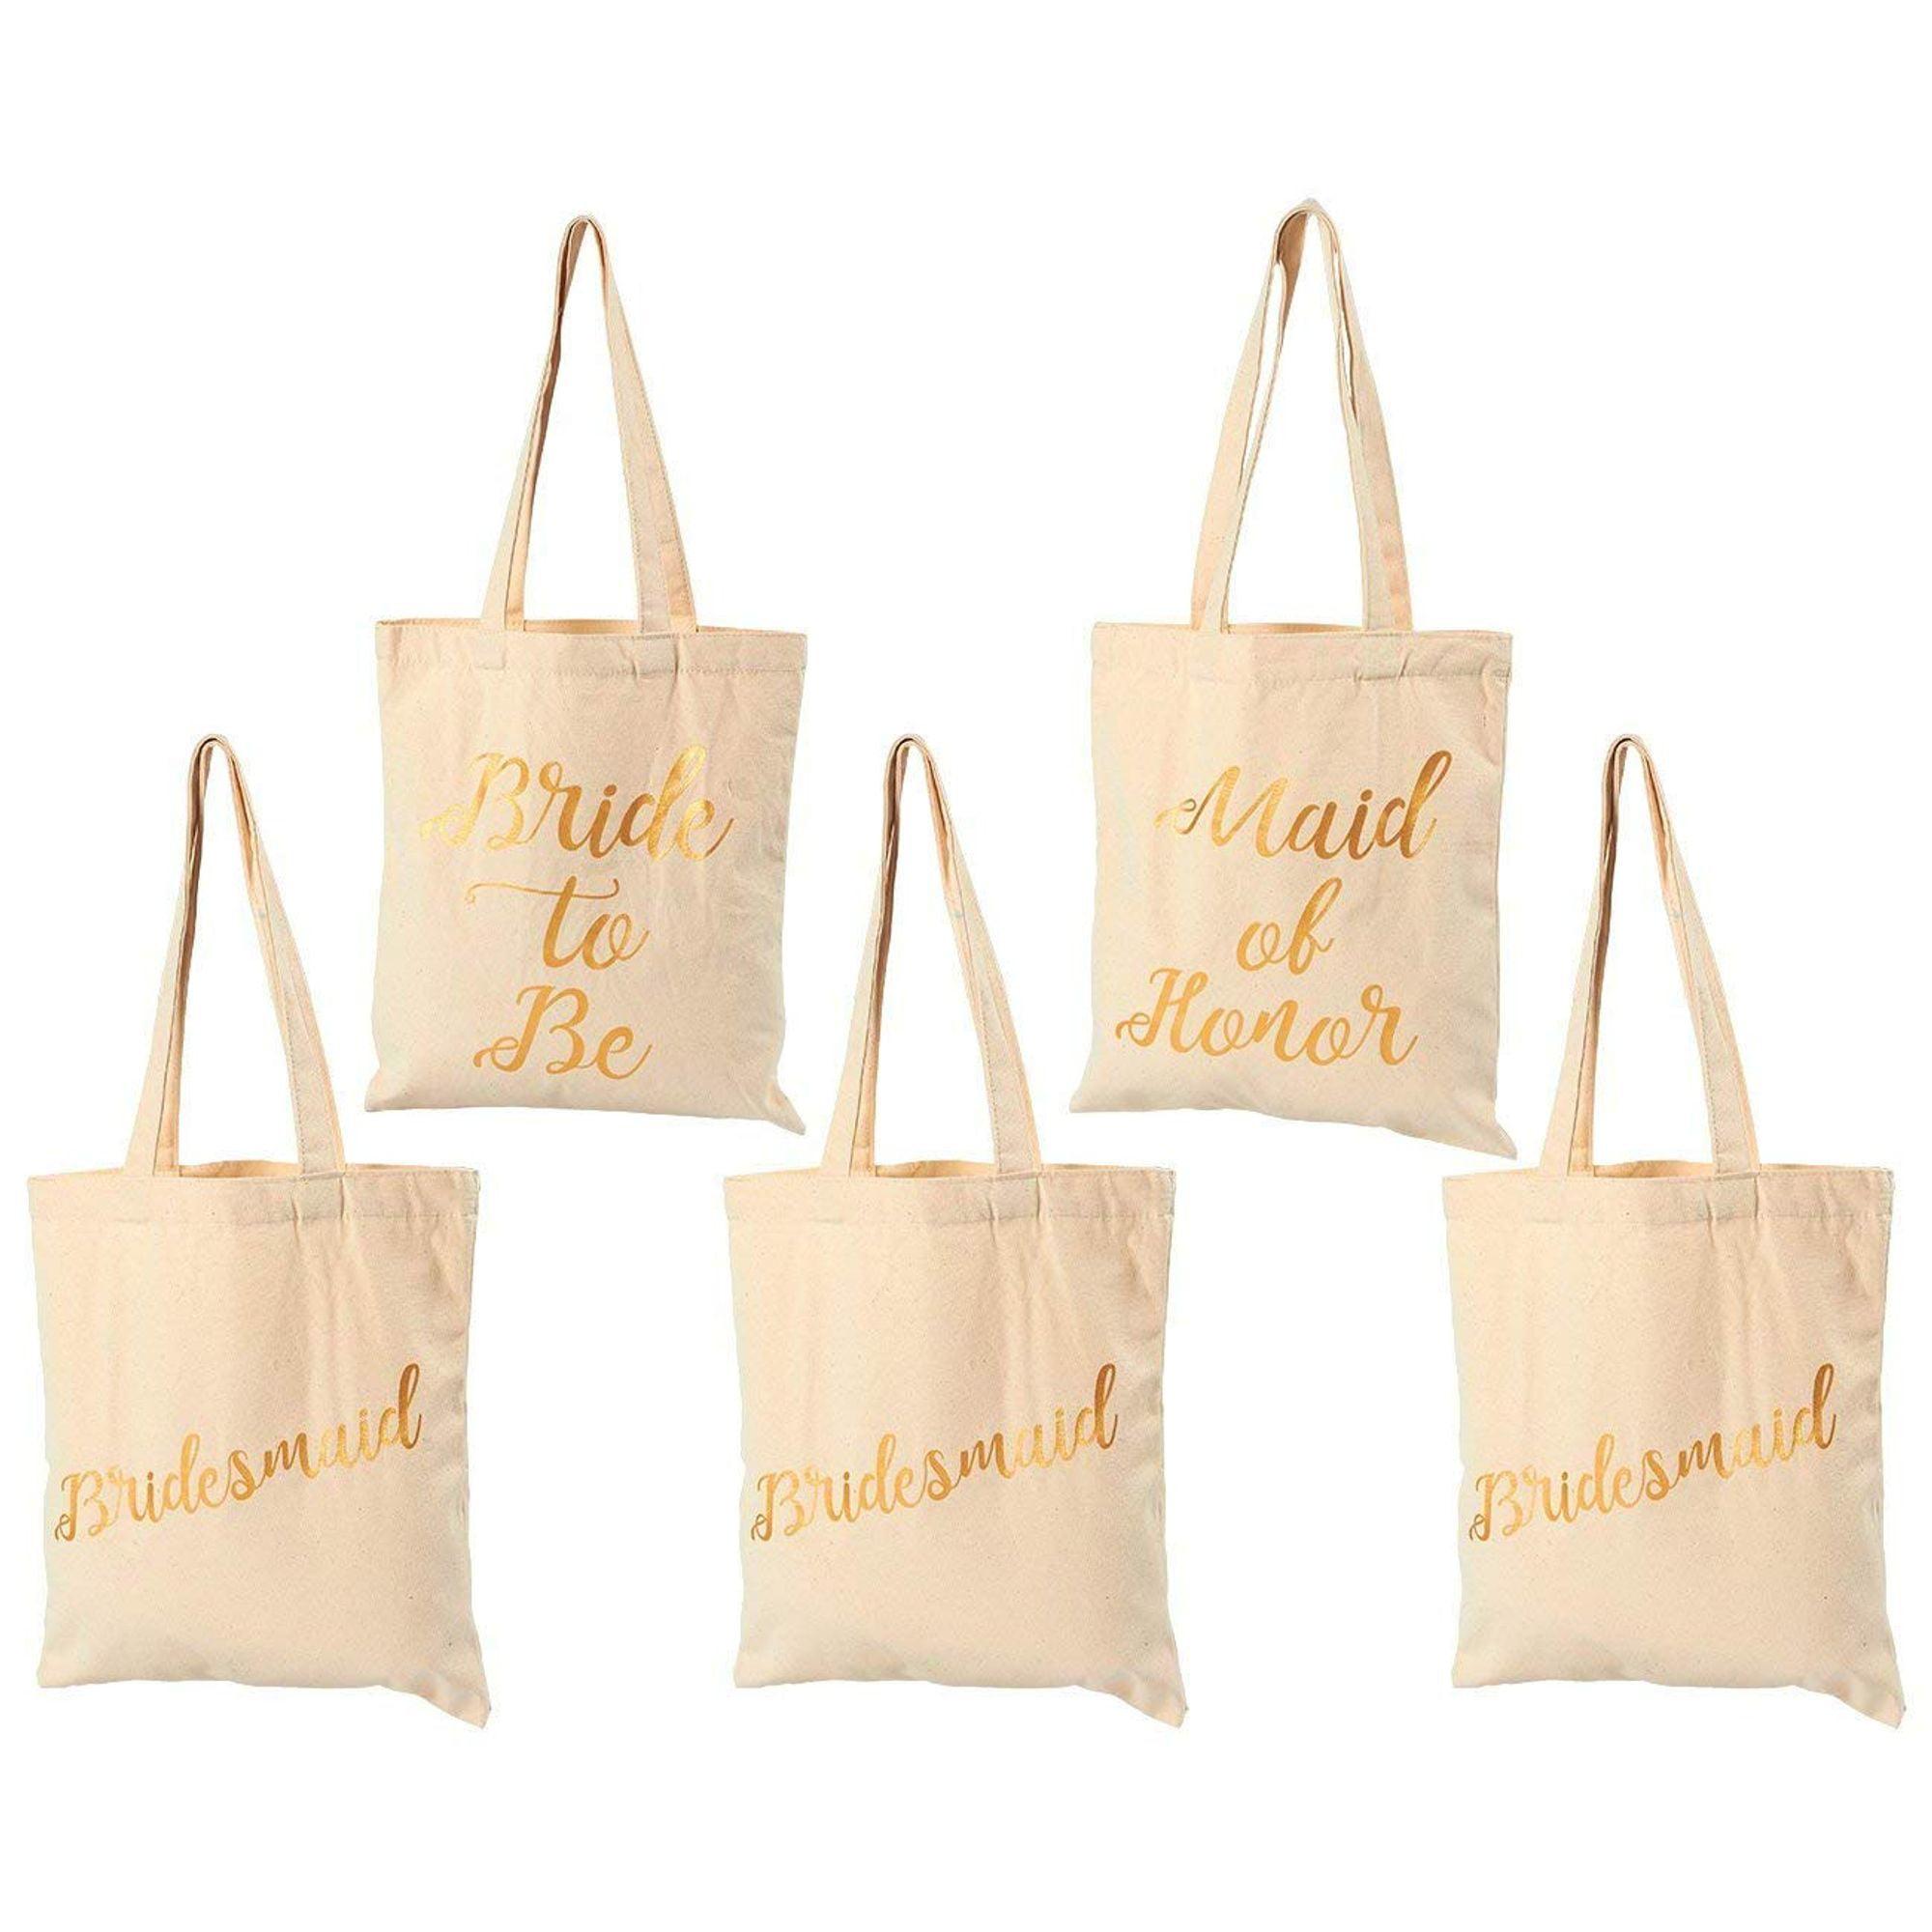 Bridesmaid Tote Bag Bridesmaid Survival Kit Bag Bachelorette Party Favors Purple Canvas Tote Bag for Bridesmaid Gift Bachelorette Gift